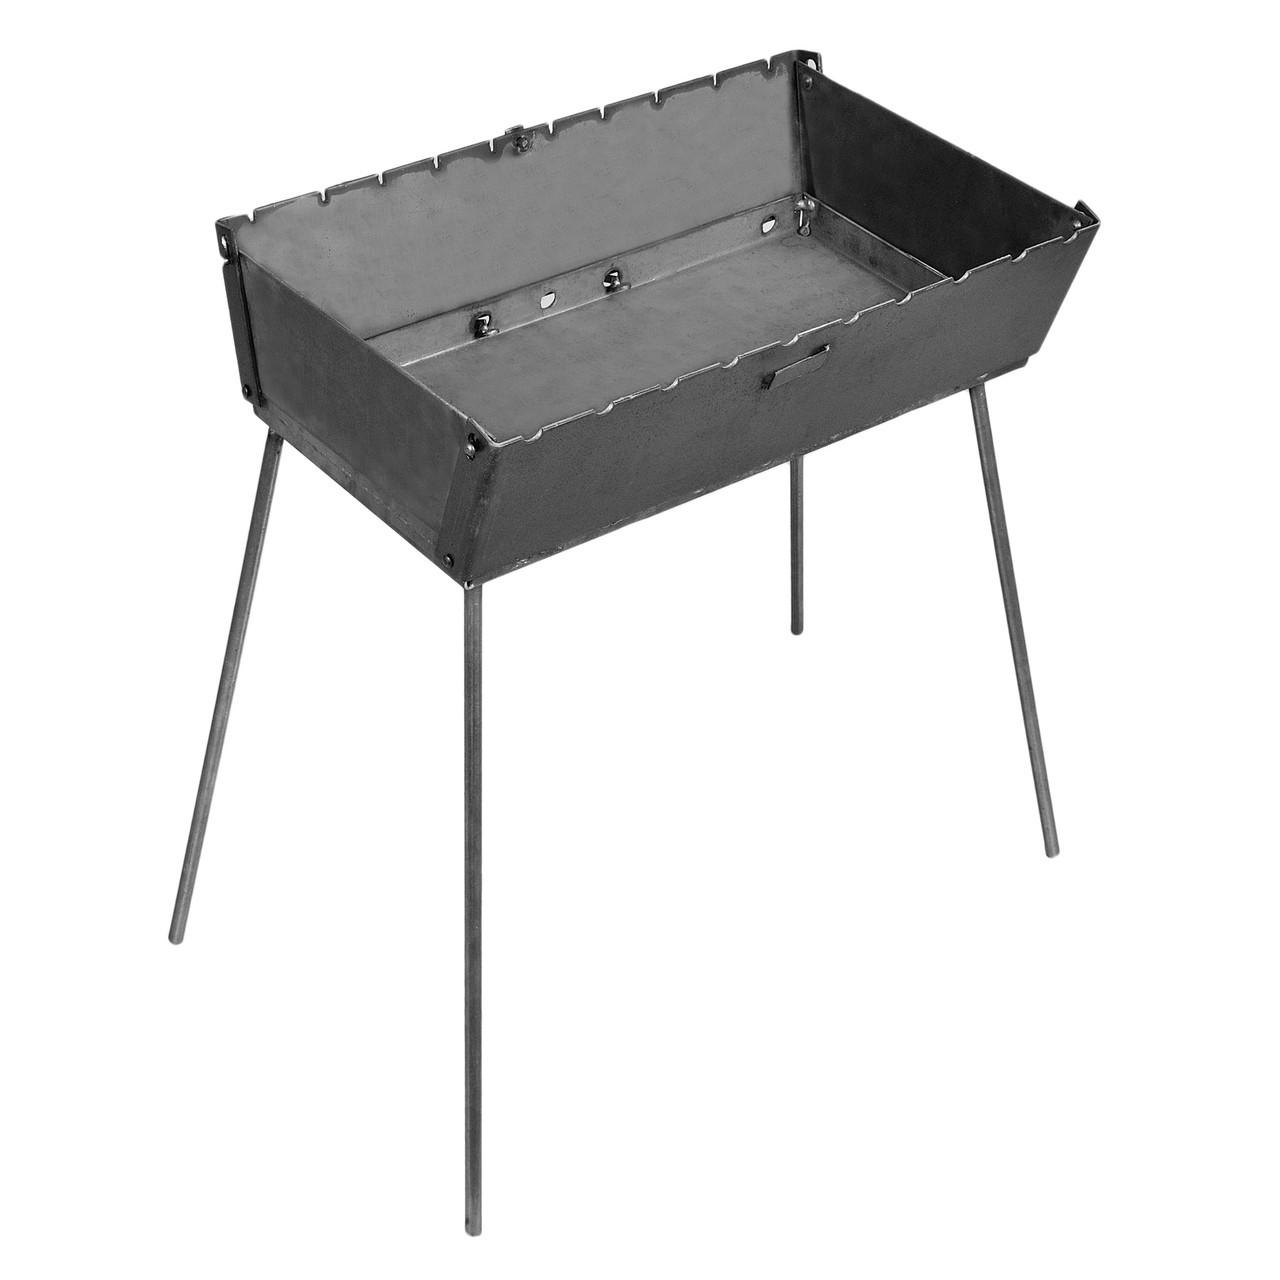 Мангал чемодан складной на 10 шампуров, толщина стали 3 мм, мангал